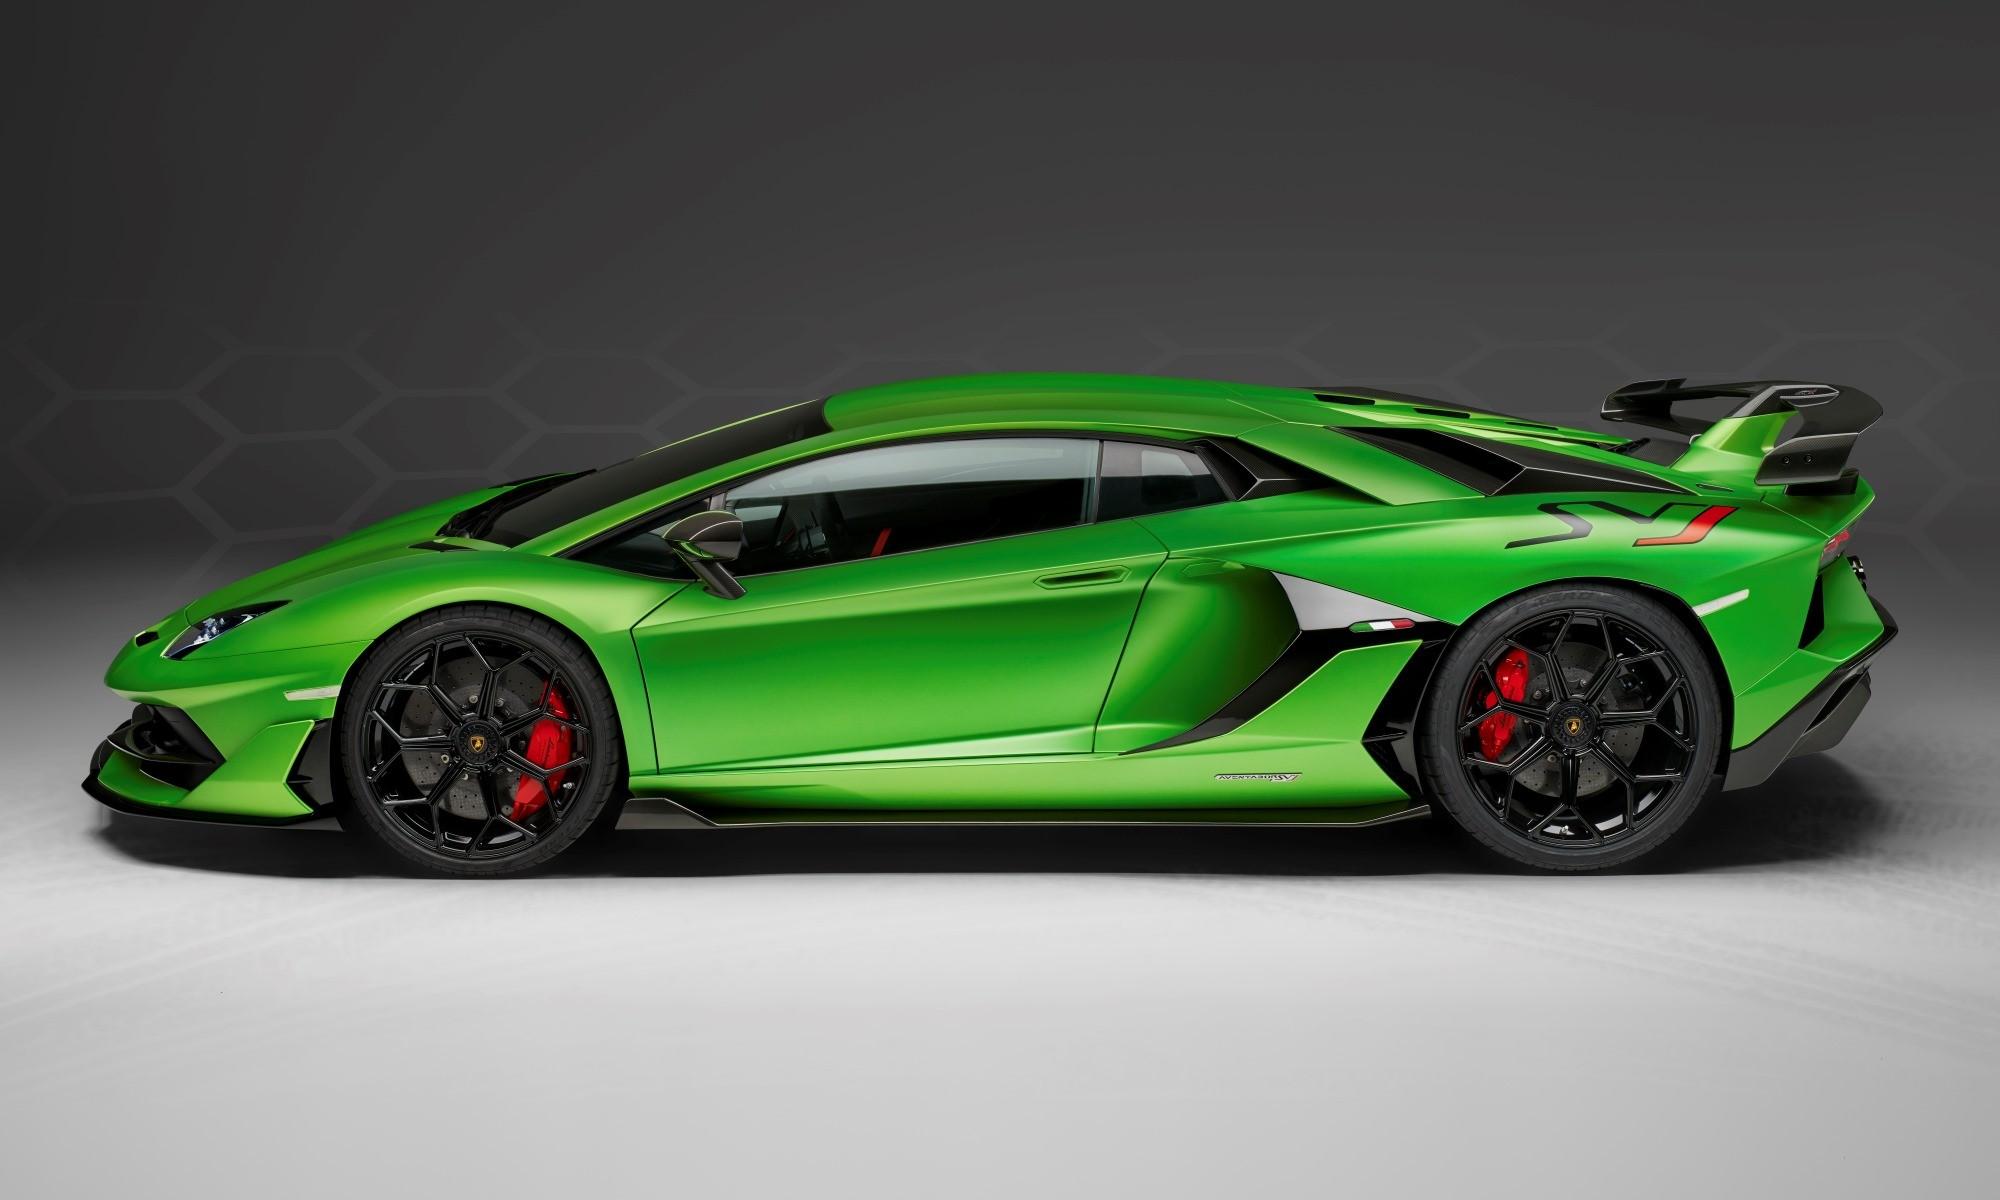 Lamborghini Aventador SVJ profile